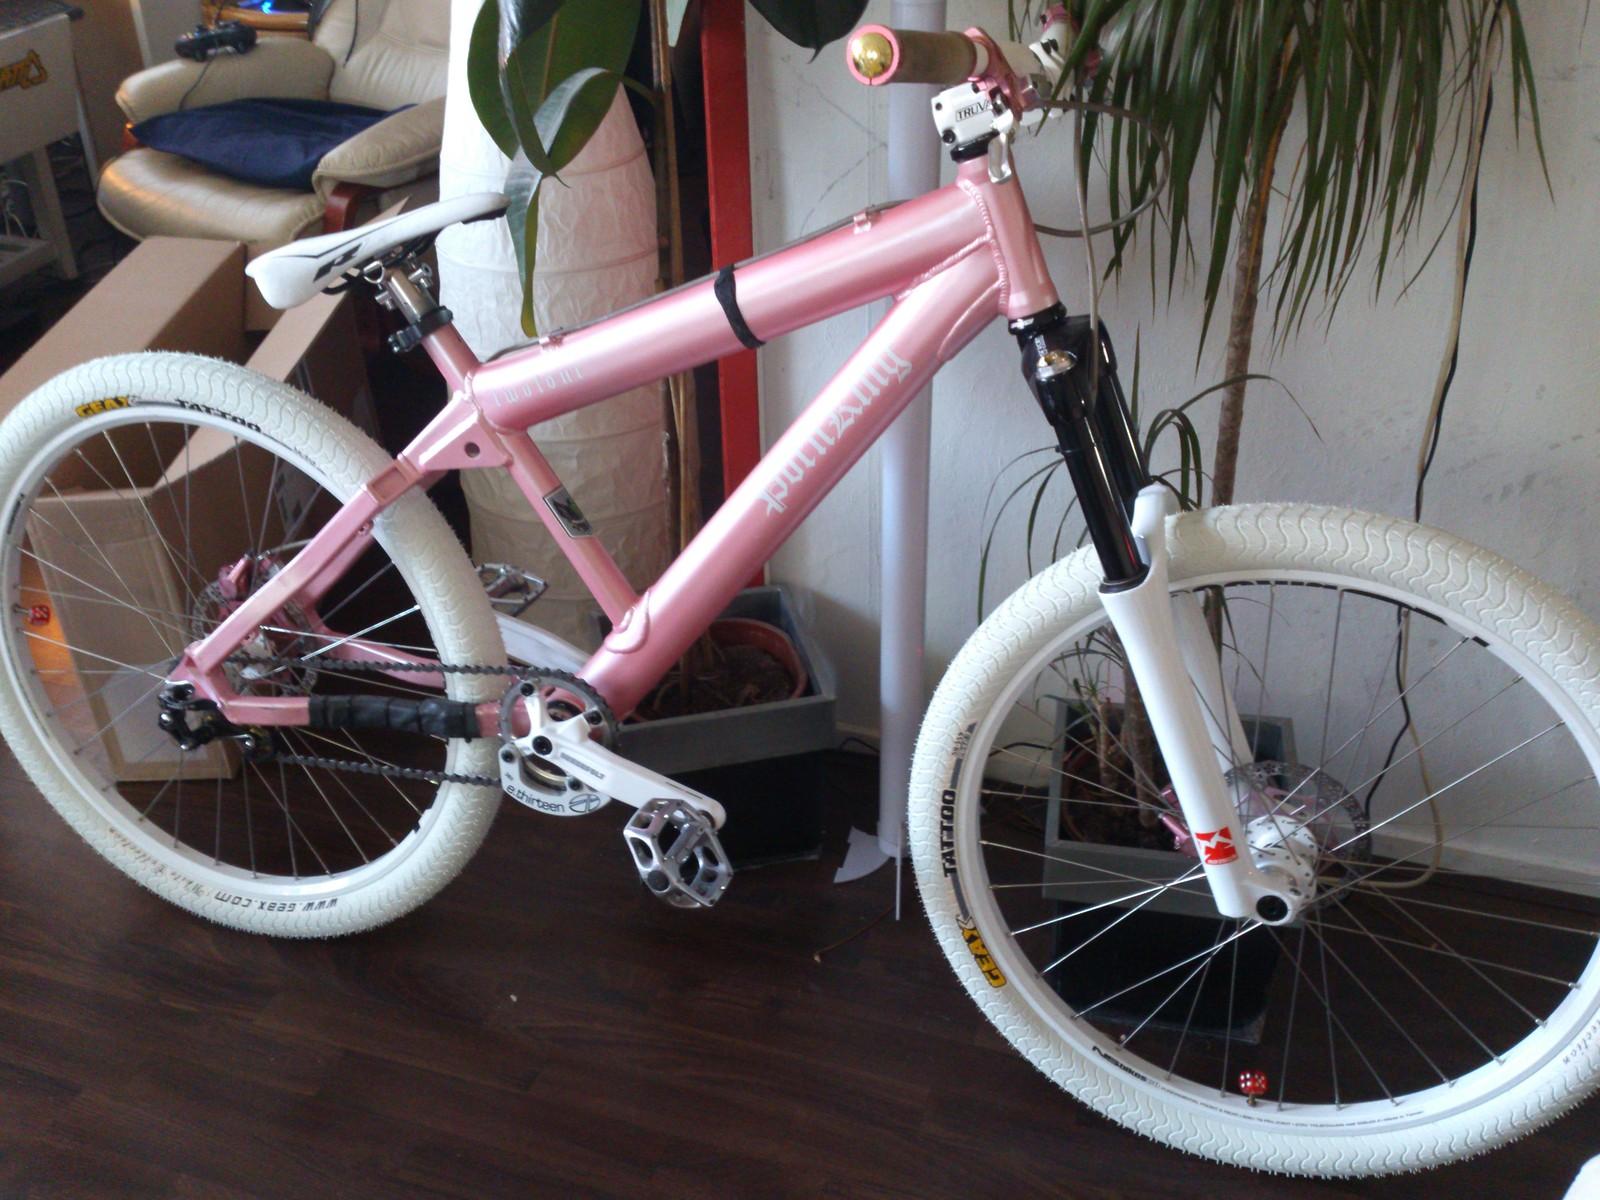 DSC 1013 - marcel.geel - Mountain Biking Pictures - Vital MTB